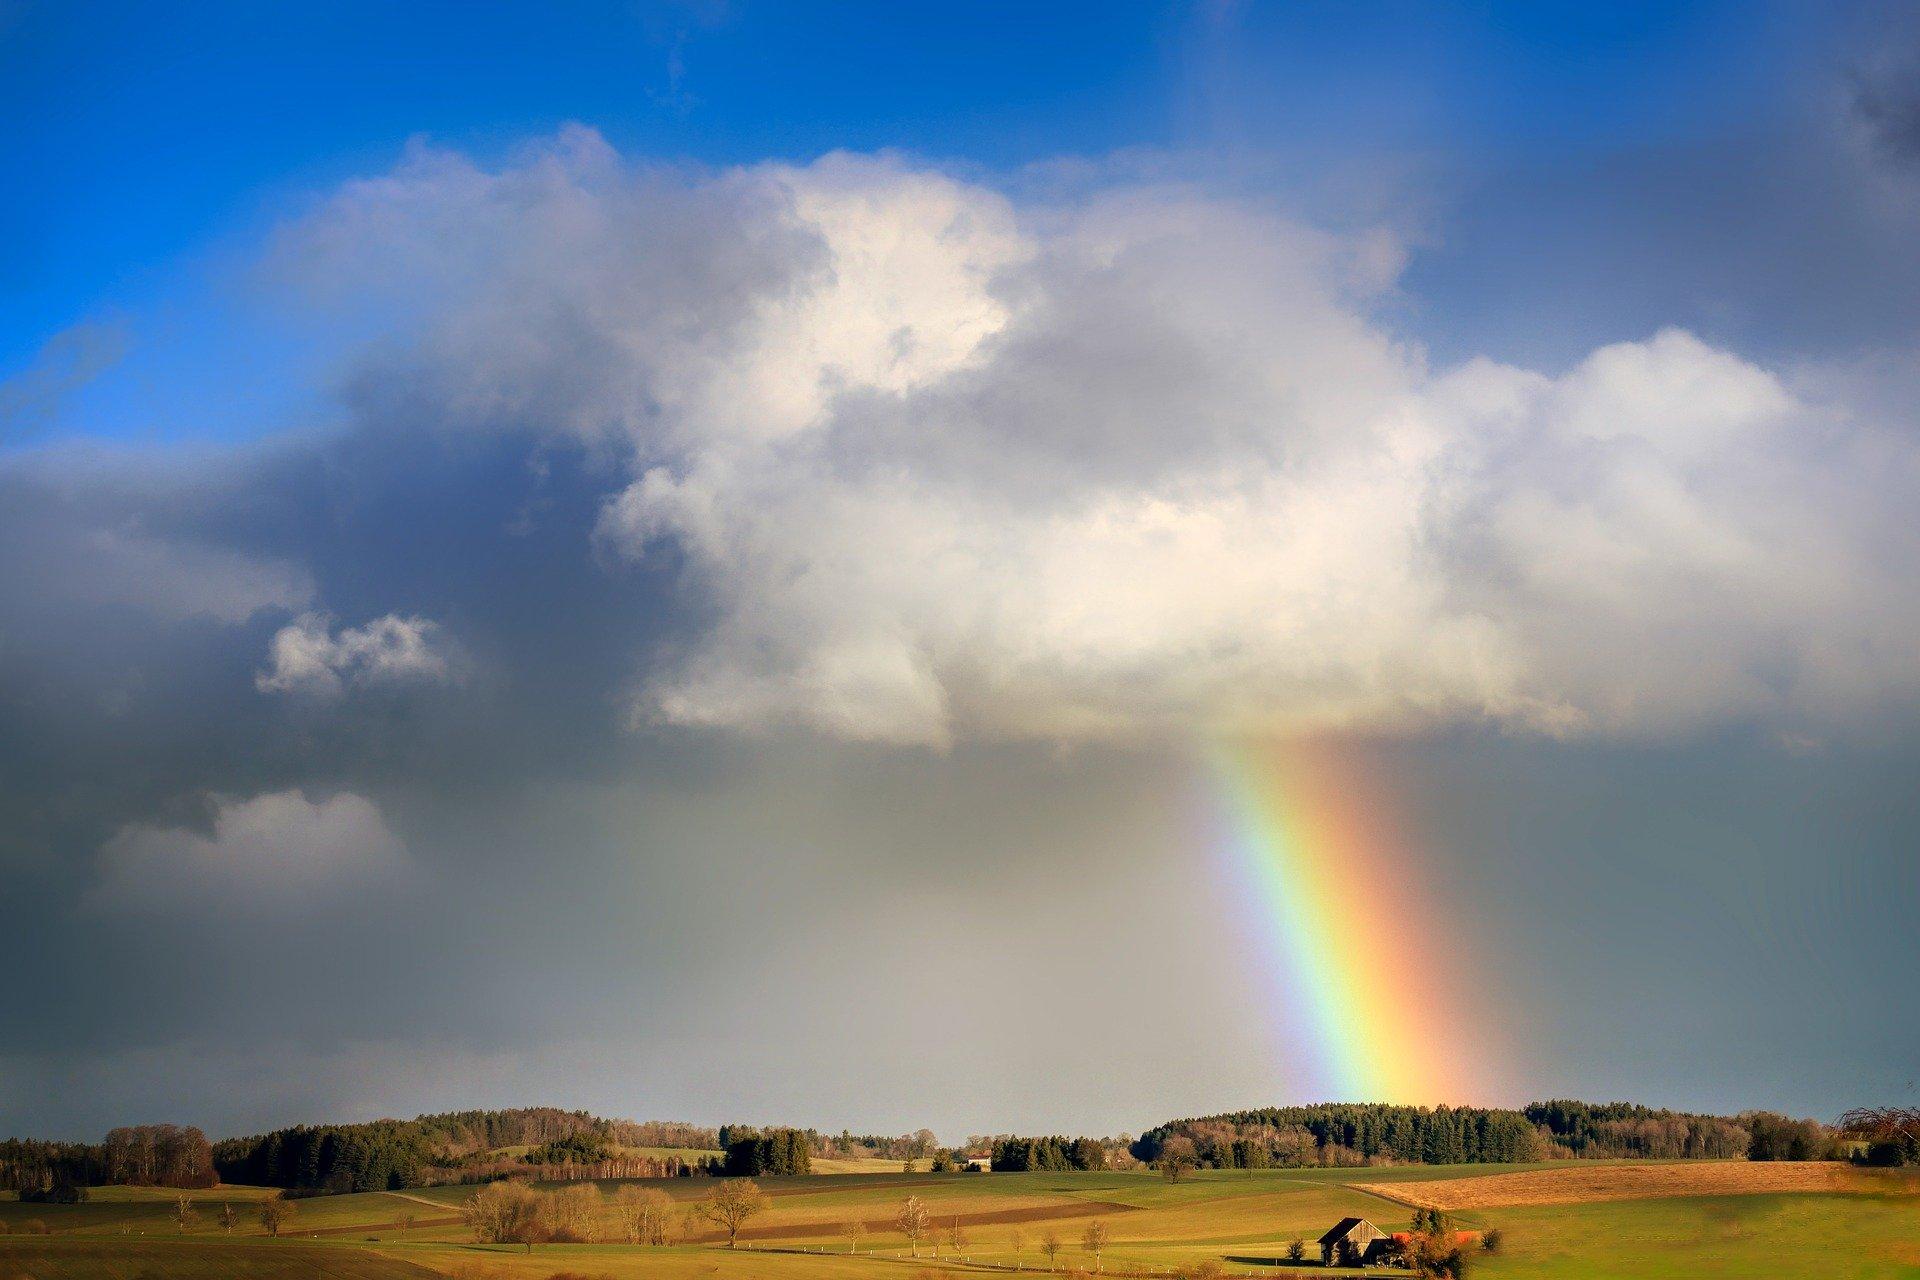 Прогноз погоды на 11 марта: где будет пасмурно, а где - солнечно